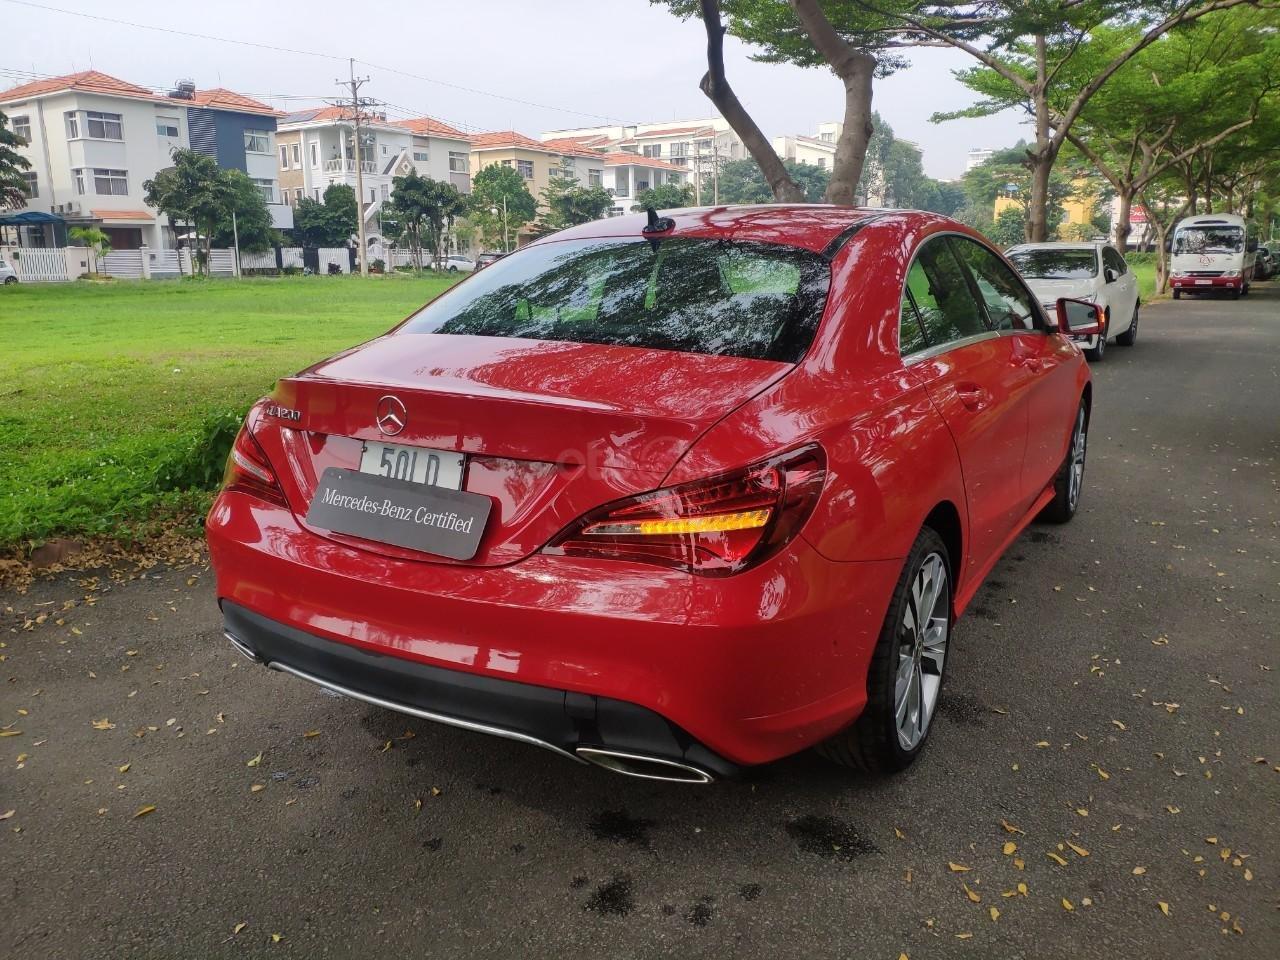 Giá tốt: Mercedes Benz CLA 200 2019 màu đỏ, đi 68km (5)